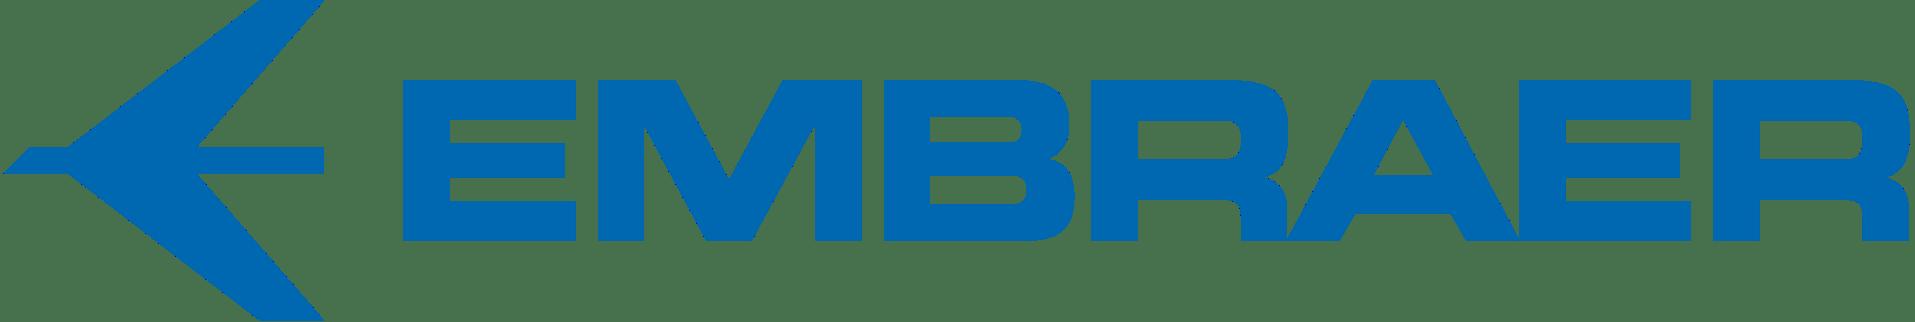 Embraer Company culture